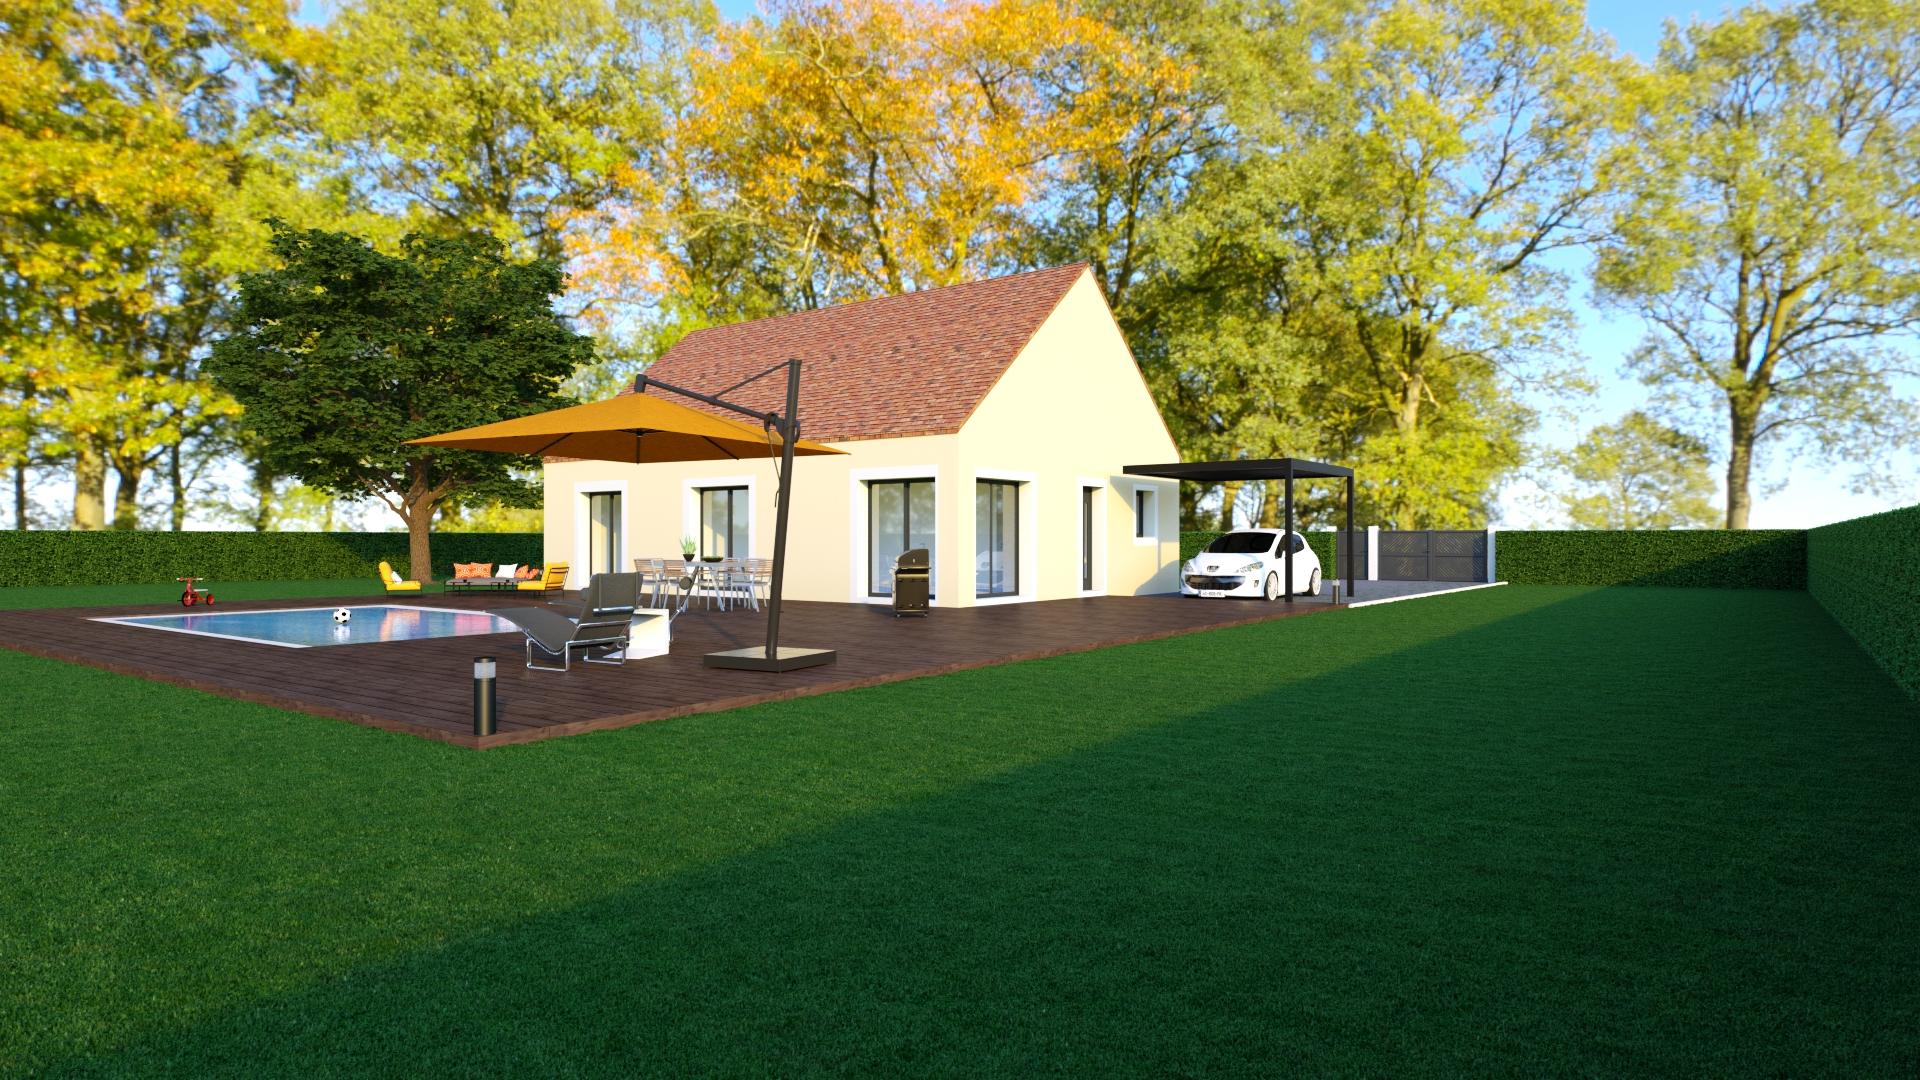 Maison de 90 m2 à Charbuy - Compagnons Constructeurs